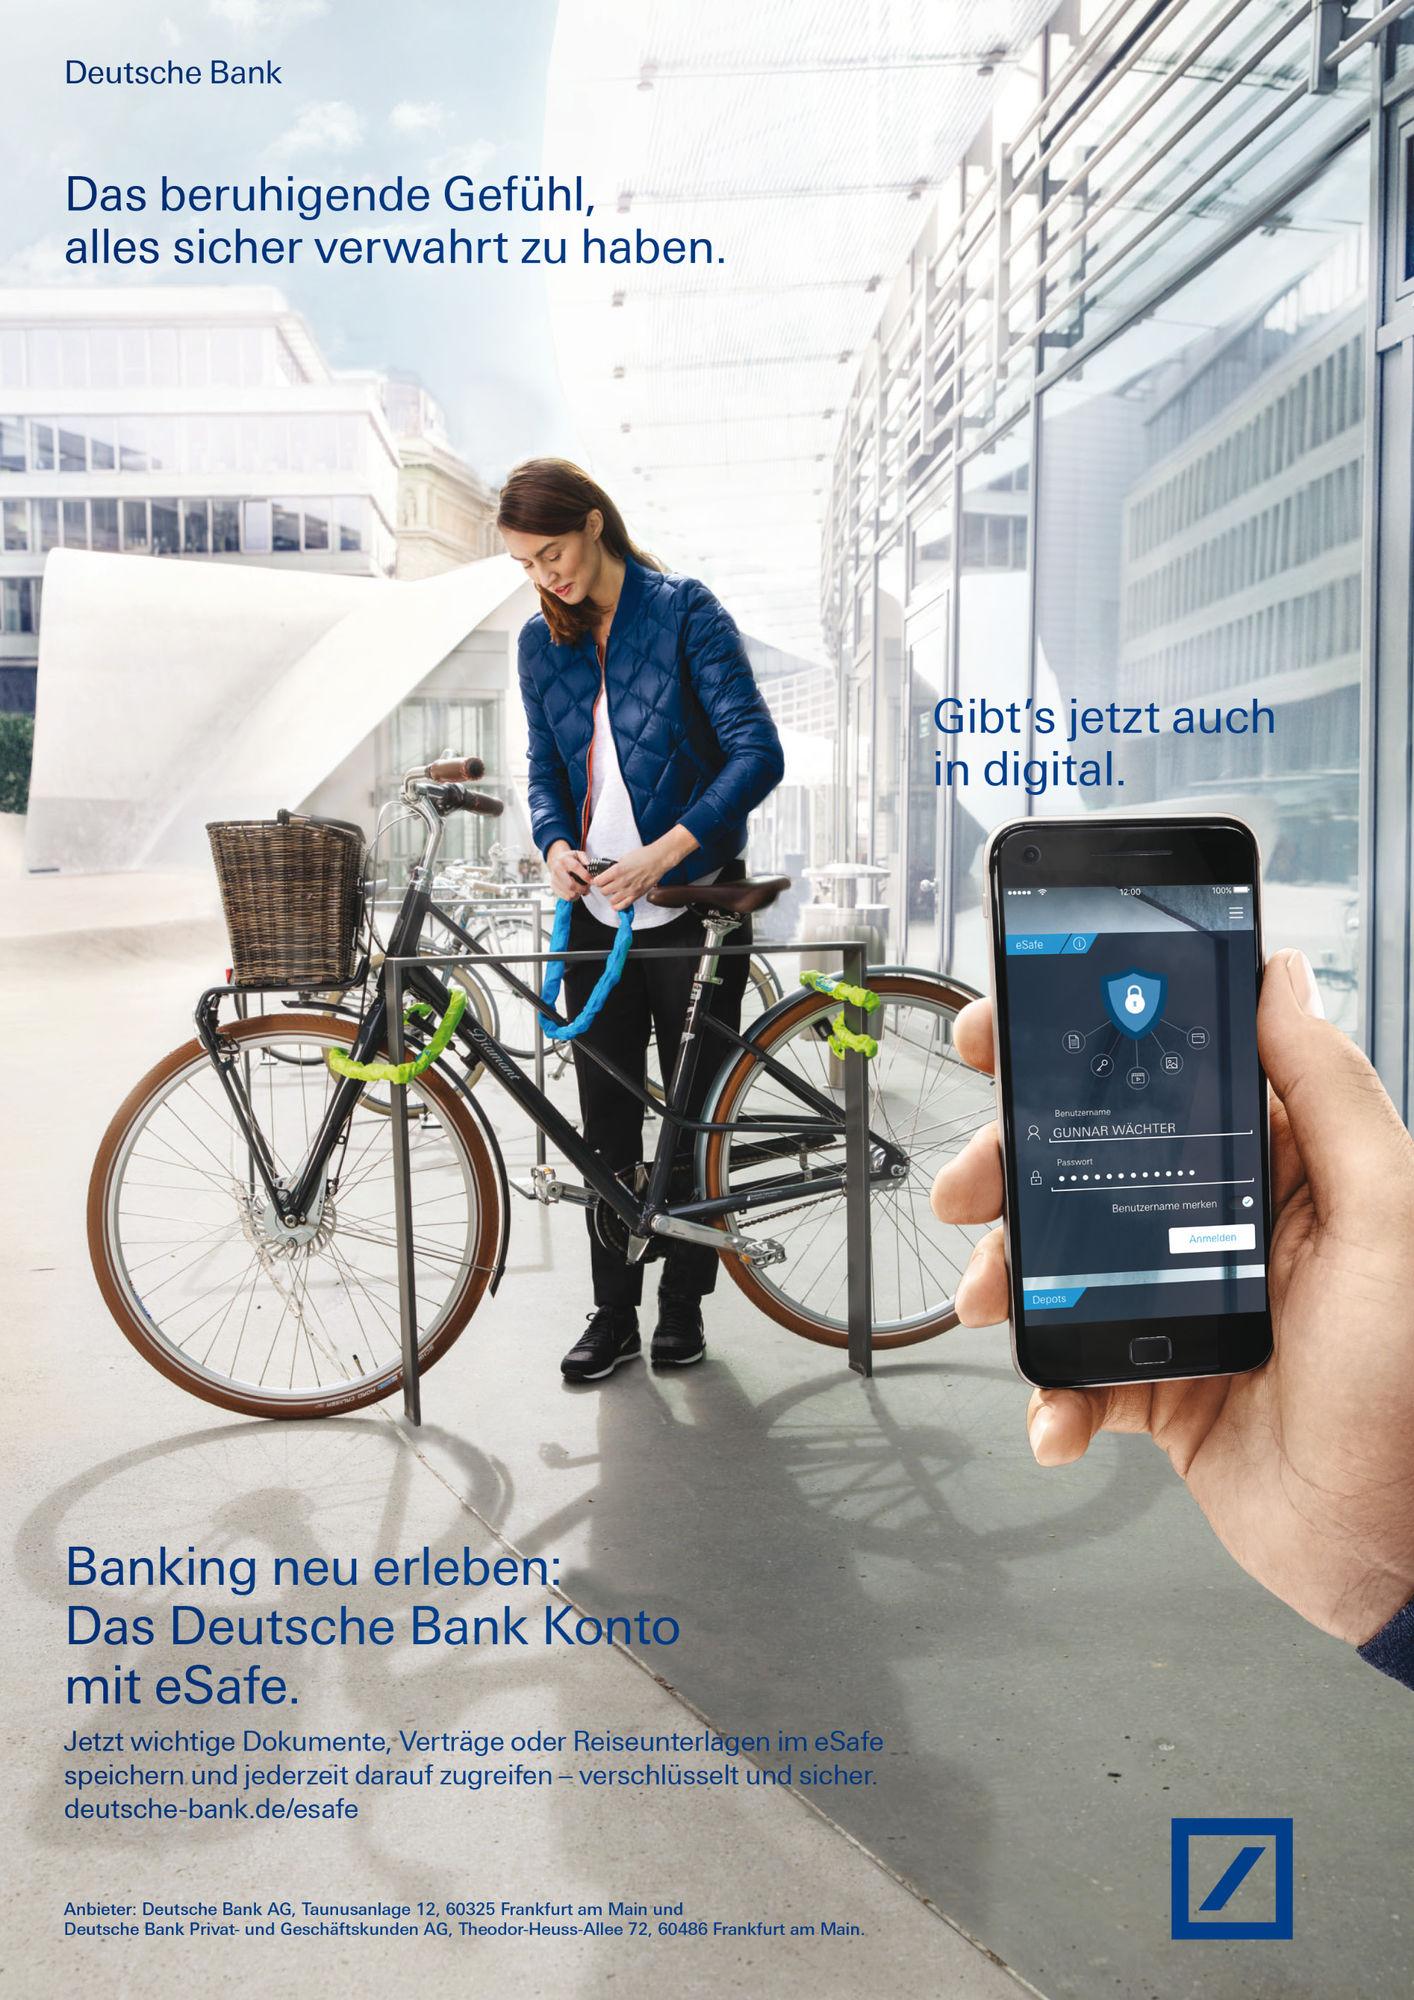 DOMINIK MENTZOS for Deutsche Bank